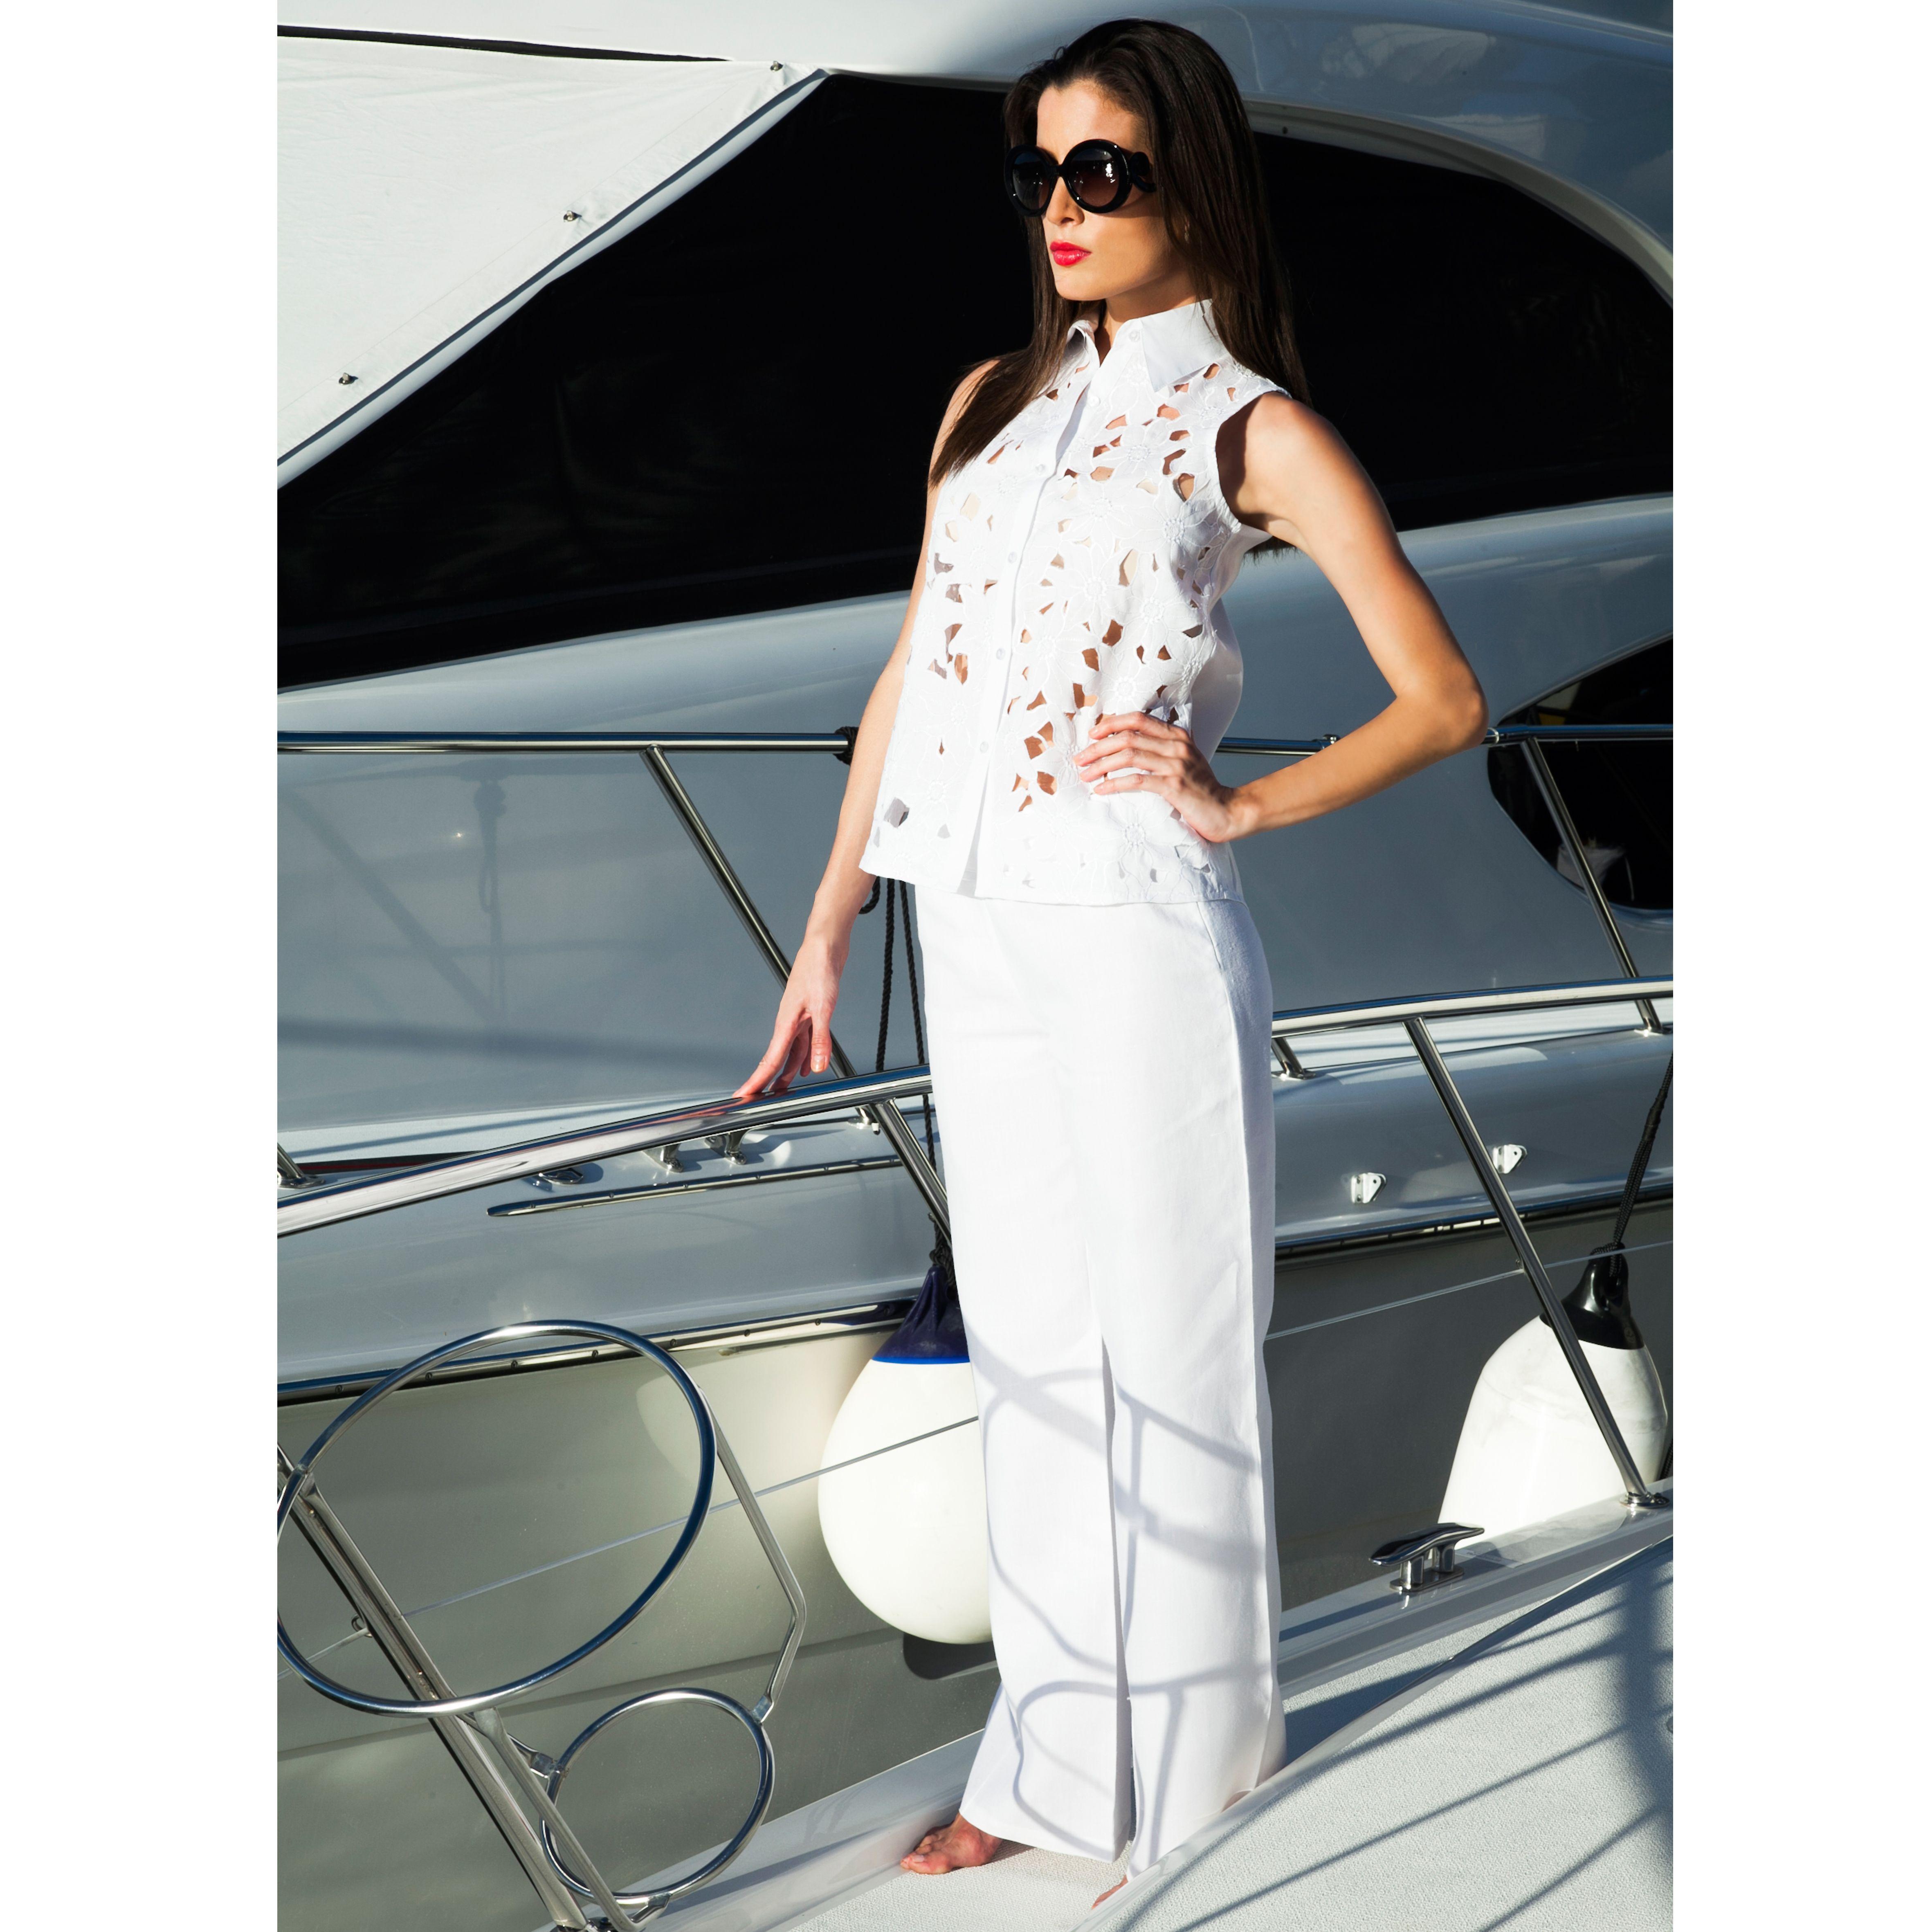 #LookDeLaSemana Total white para tener una semana con frescura y elegancia  #GriseldaTovar #Moda #Mujeres #ClothingVintage